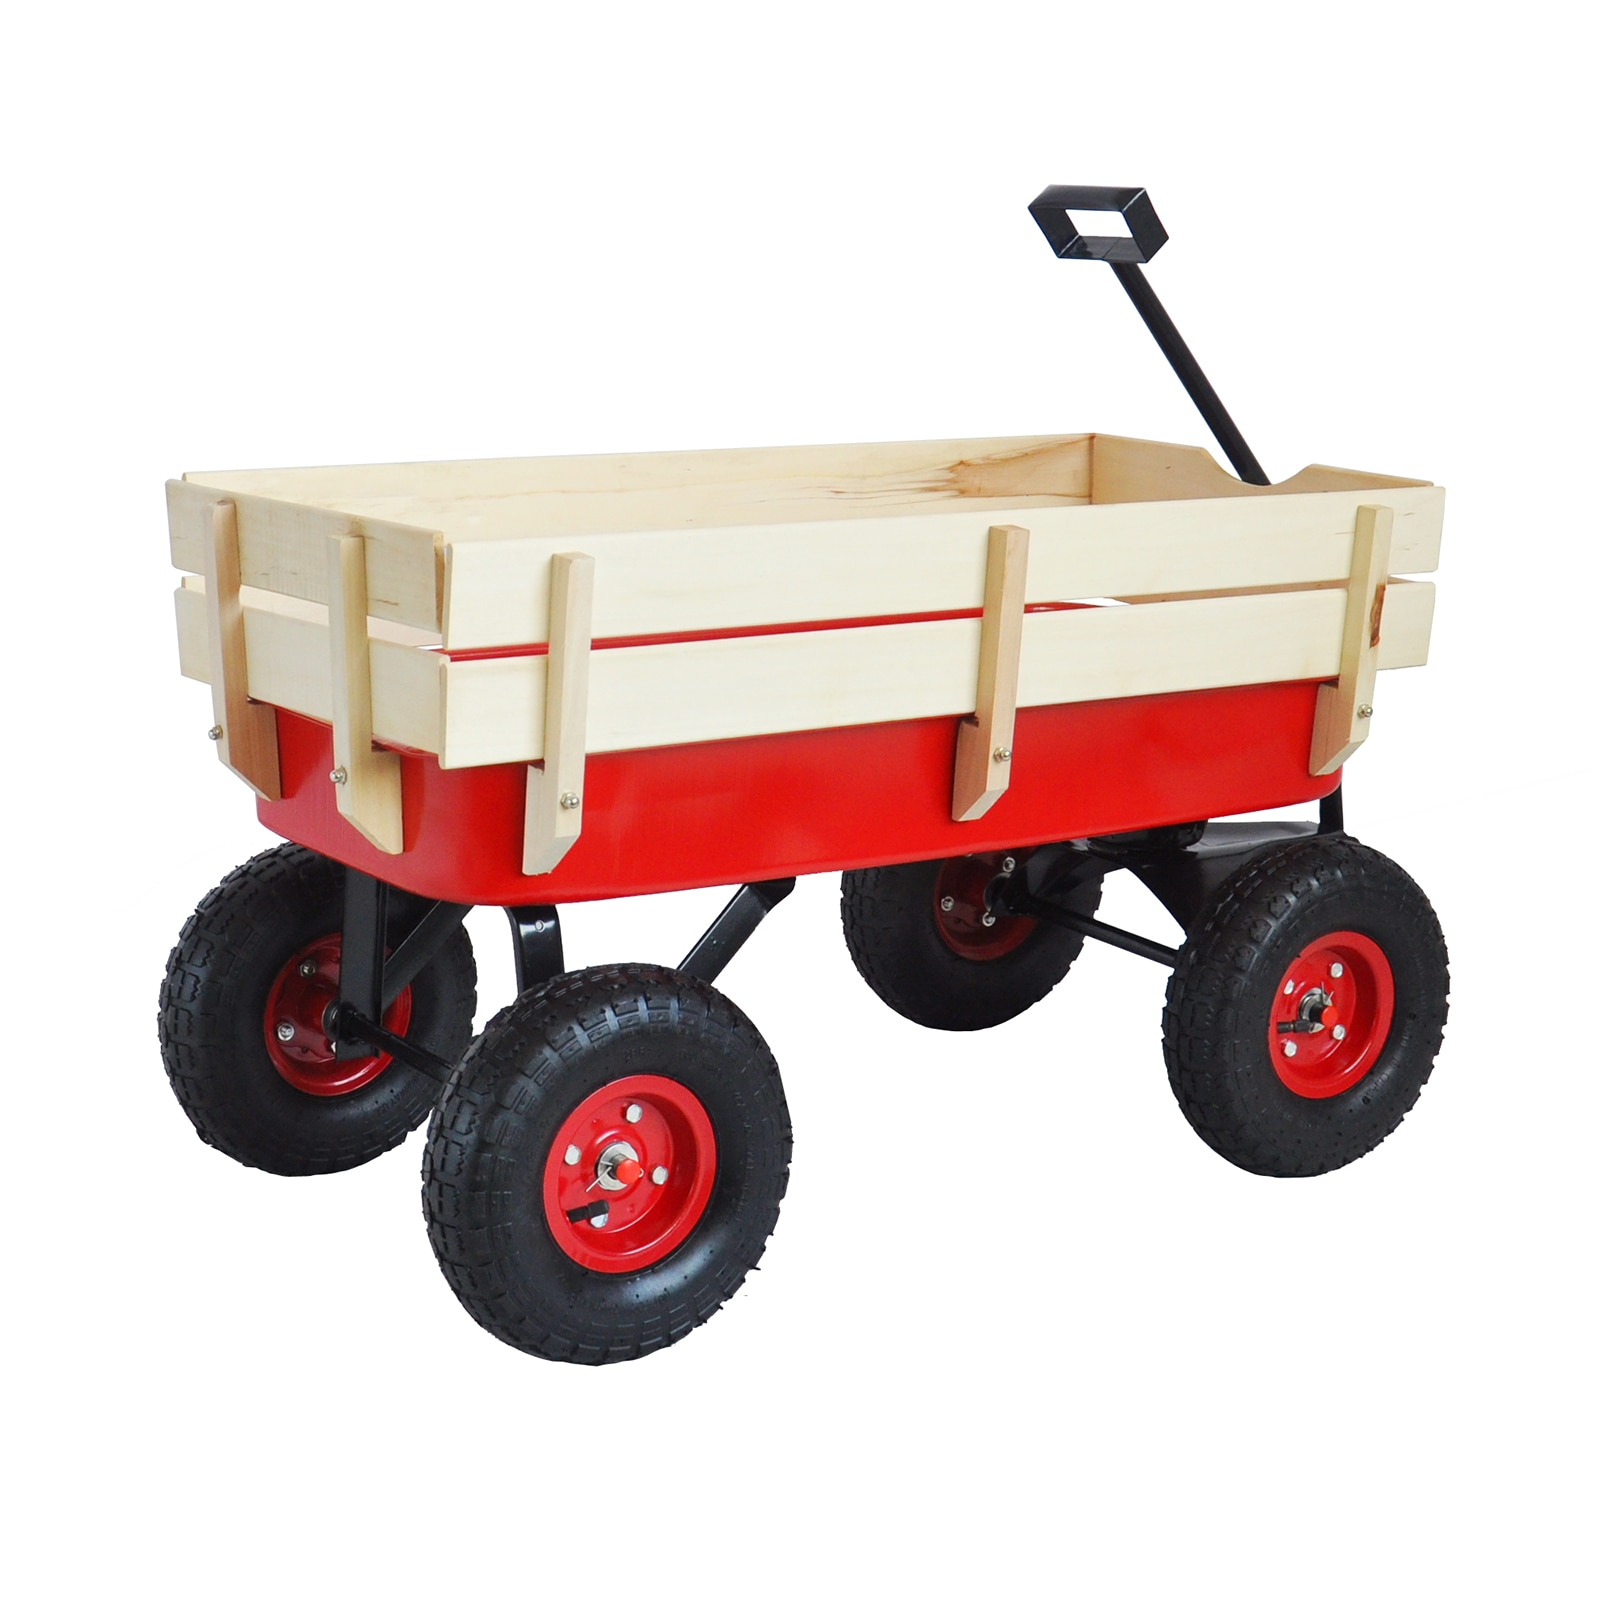 عربة حديقة خارجية بمقبض قابل للطي ، درابزين خشبي للأطفال ، إطارات هوائية لجميع التضاريس ، عربة أدوات